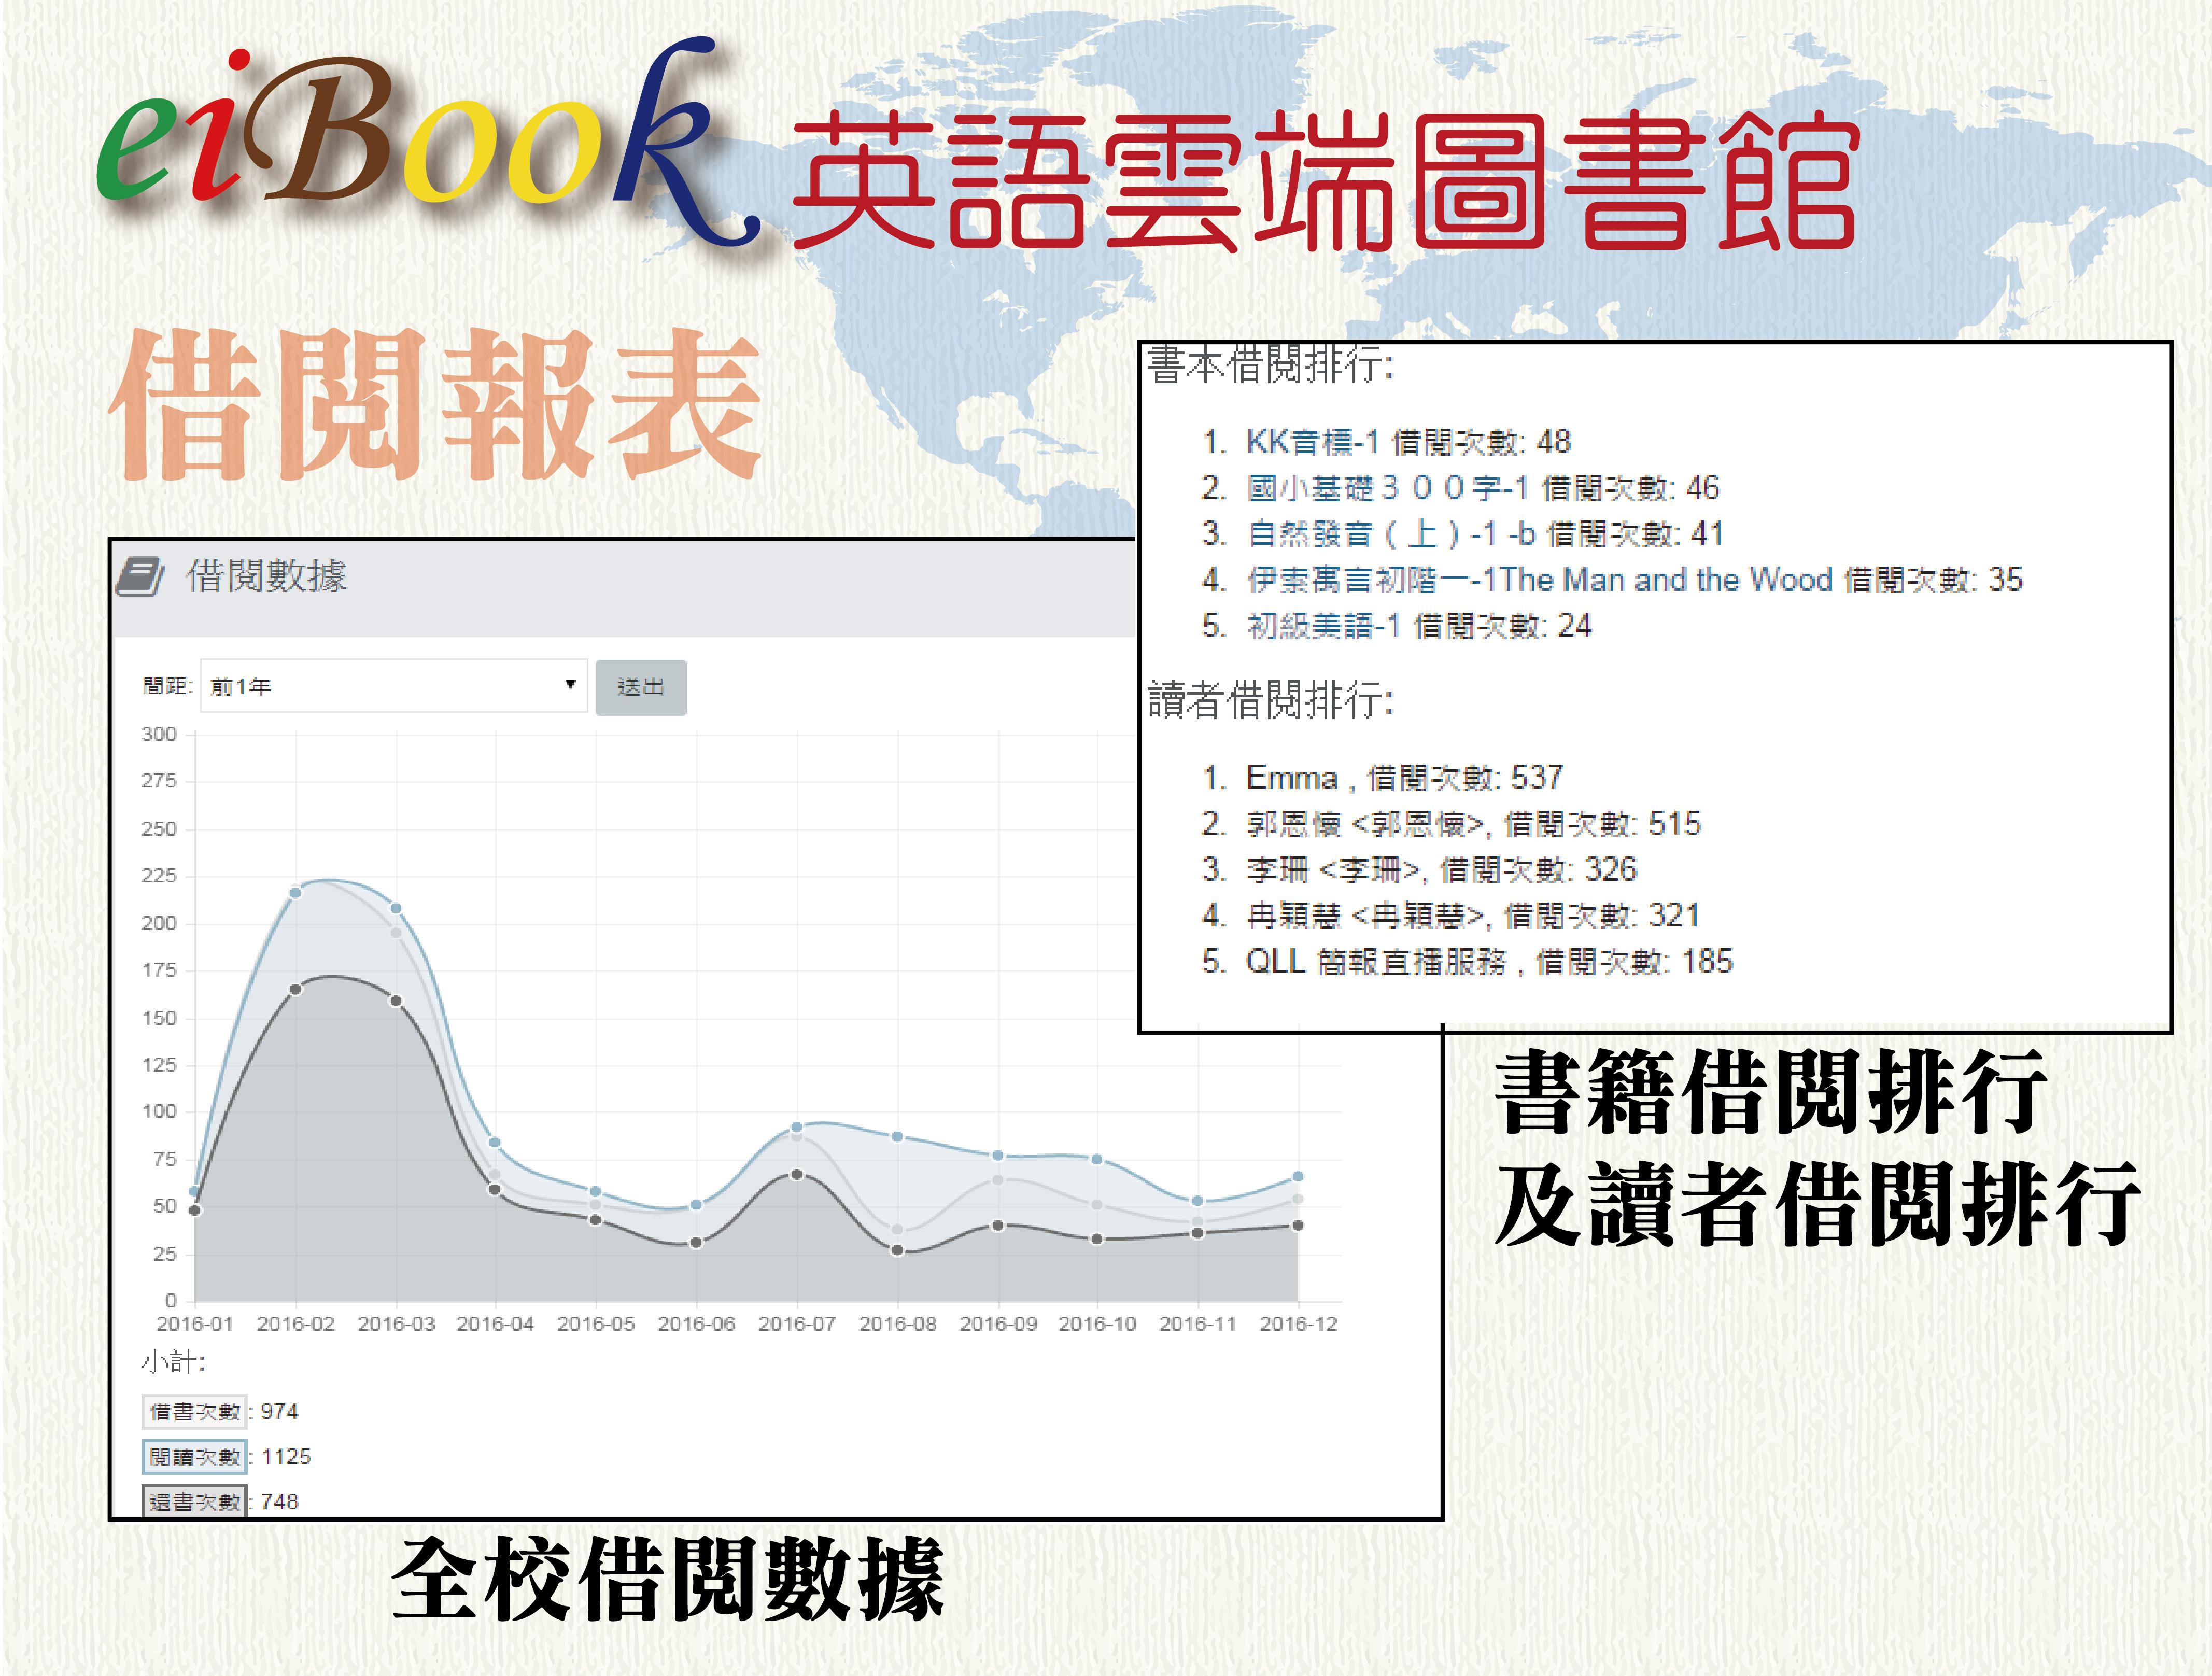 教育局-eibook-閱讀-0420-06.jpg